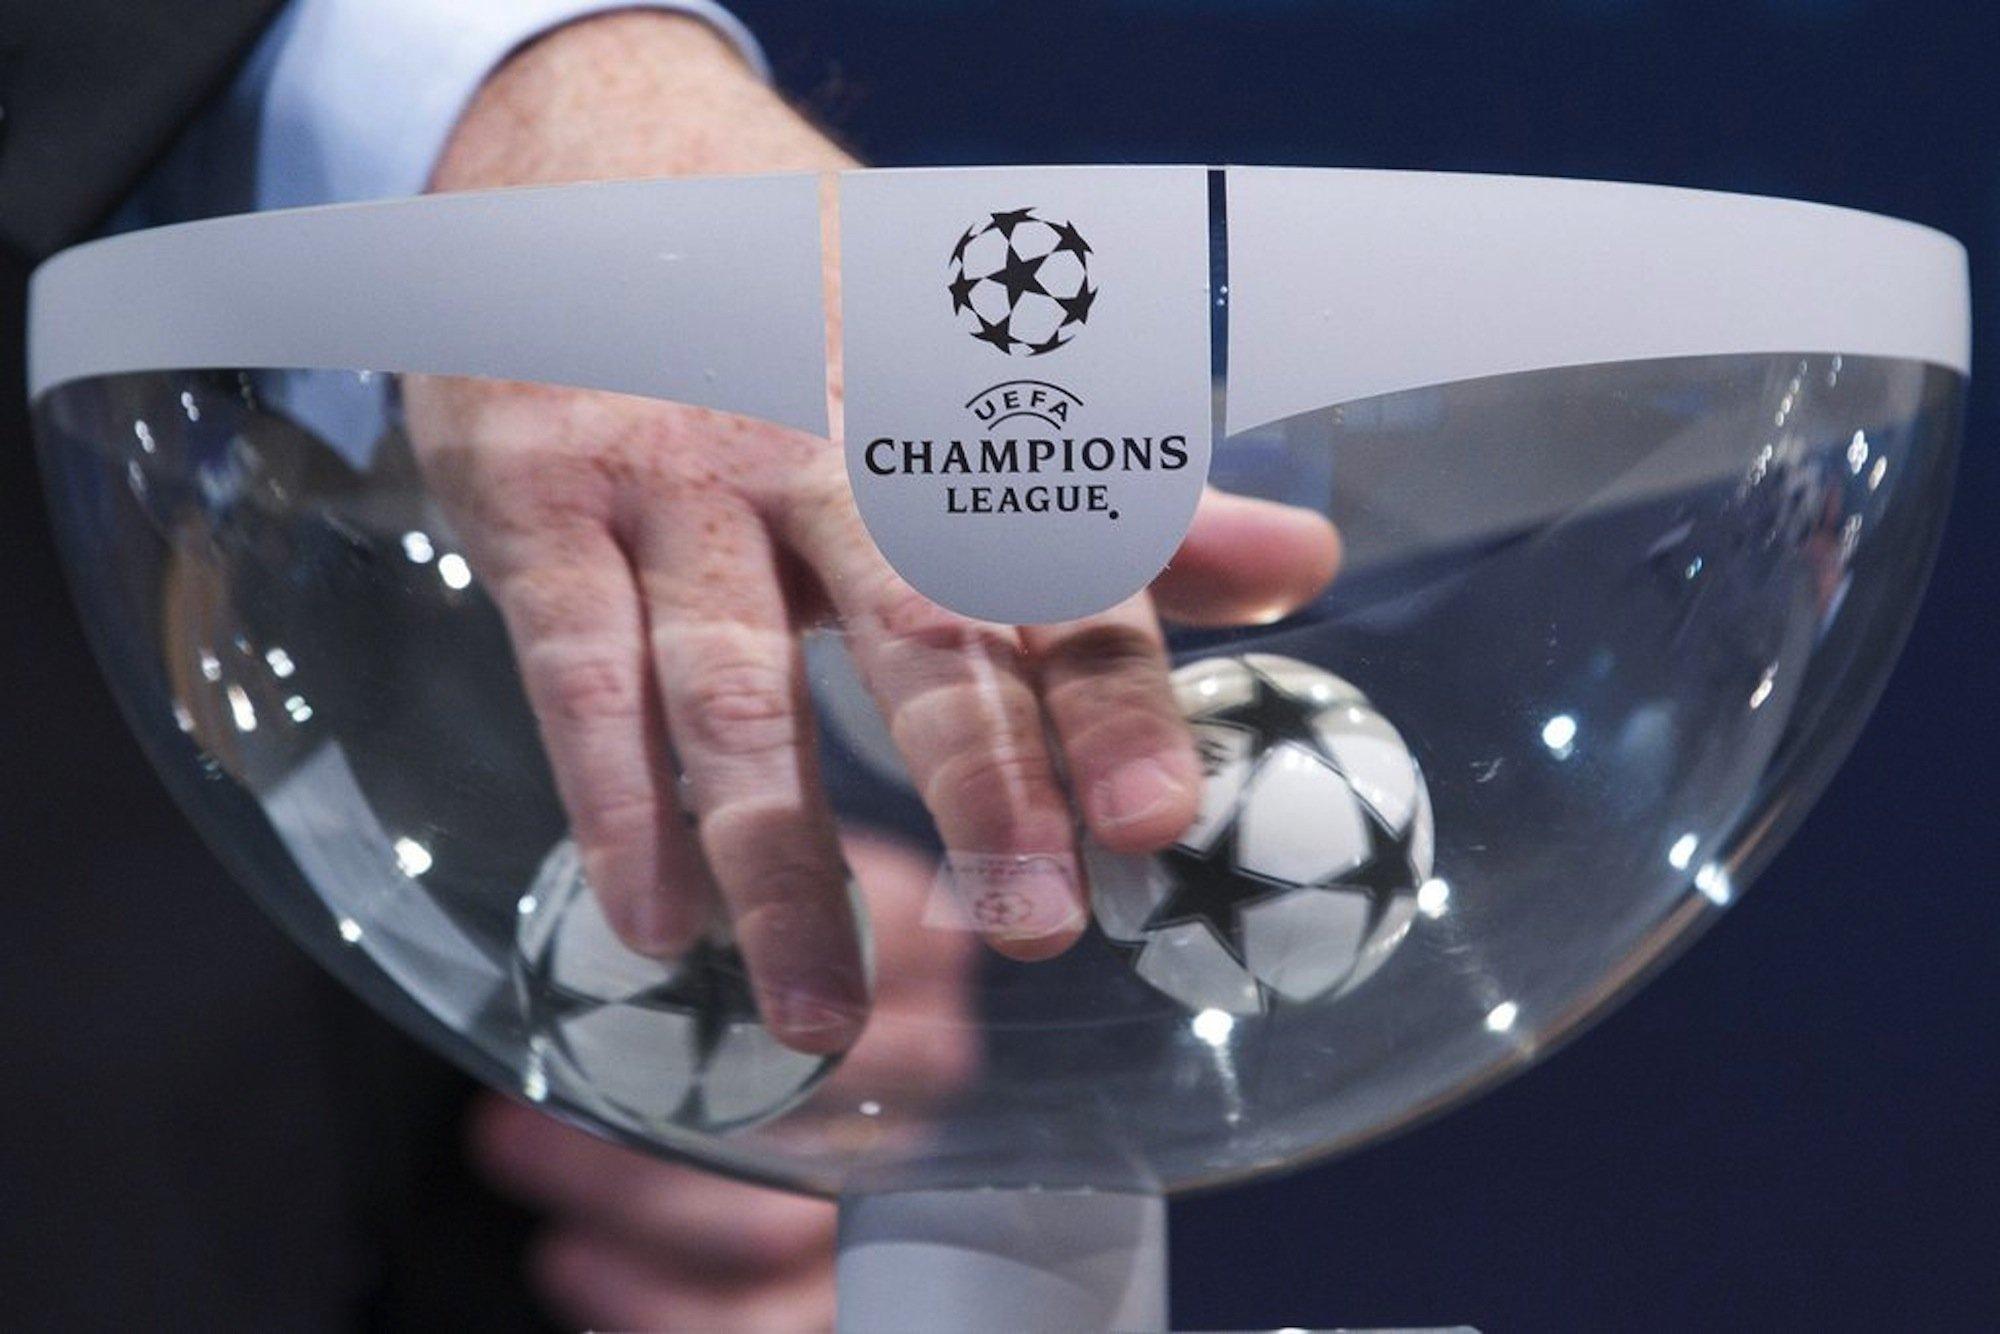 L'esito dell'urna di Nyon: Juventus-Real Madrid e Barcellona-Bayern